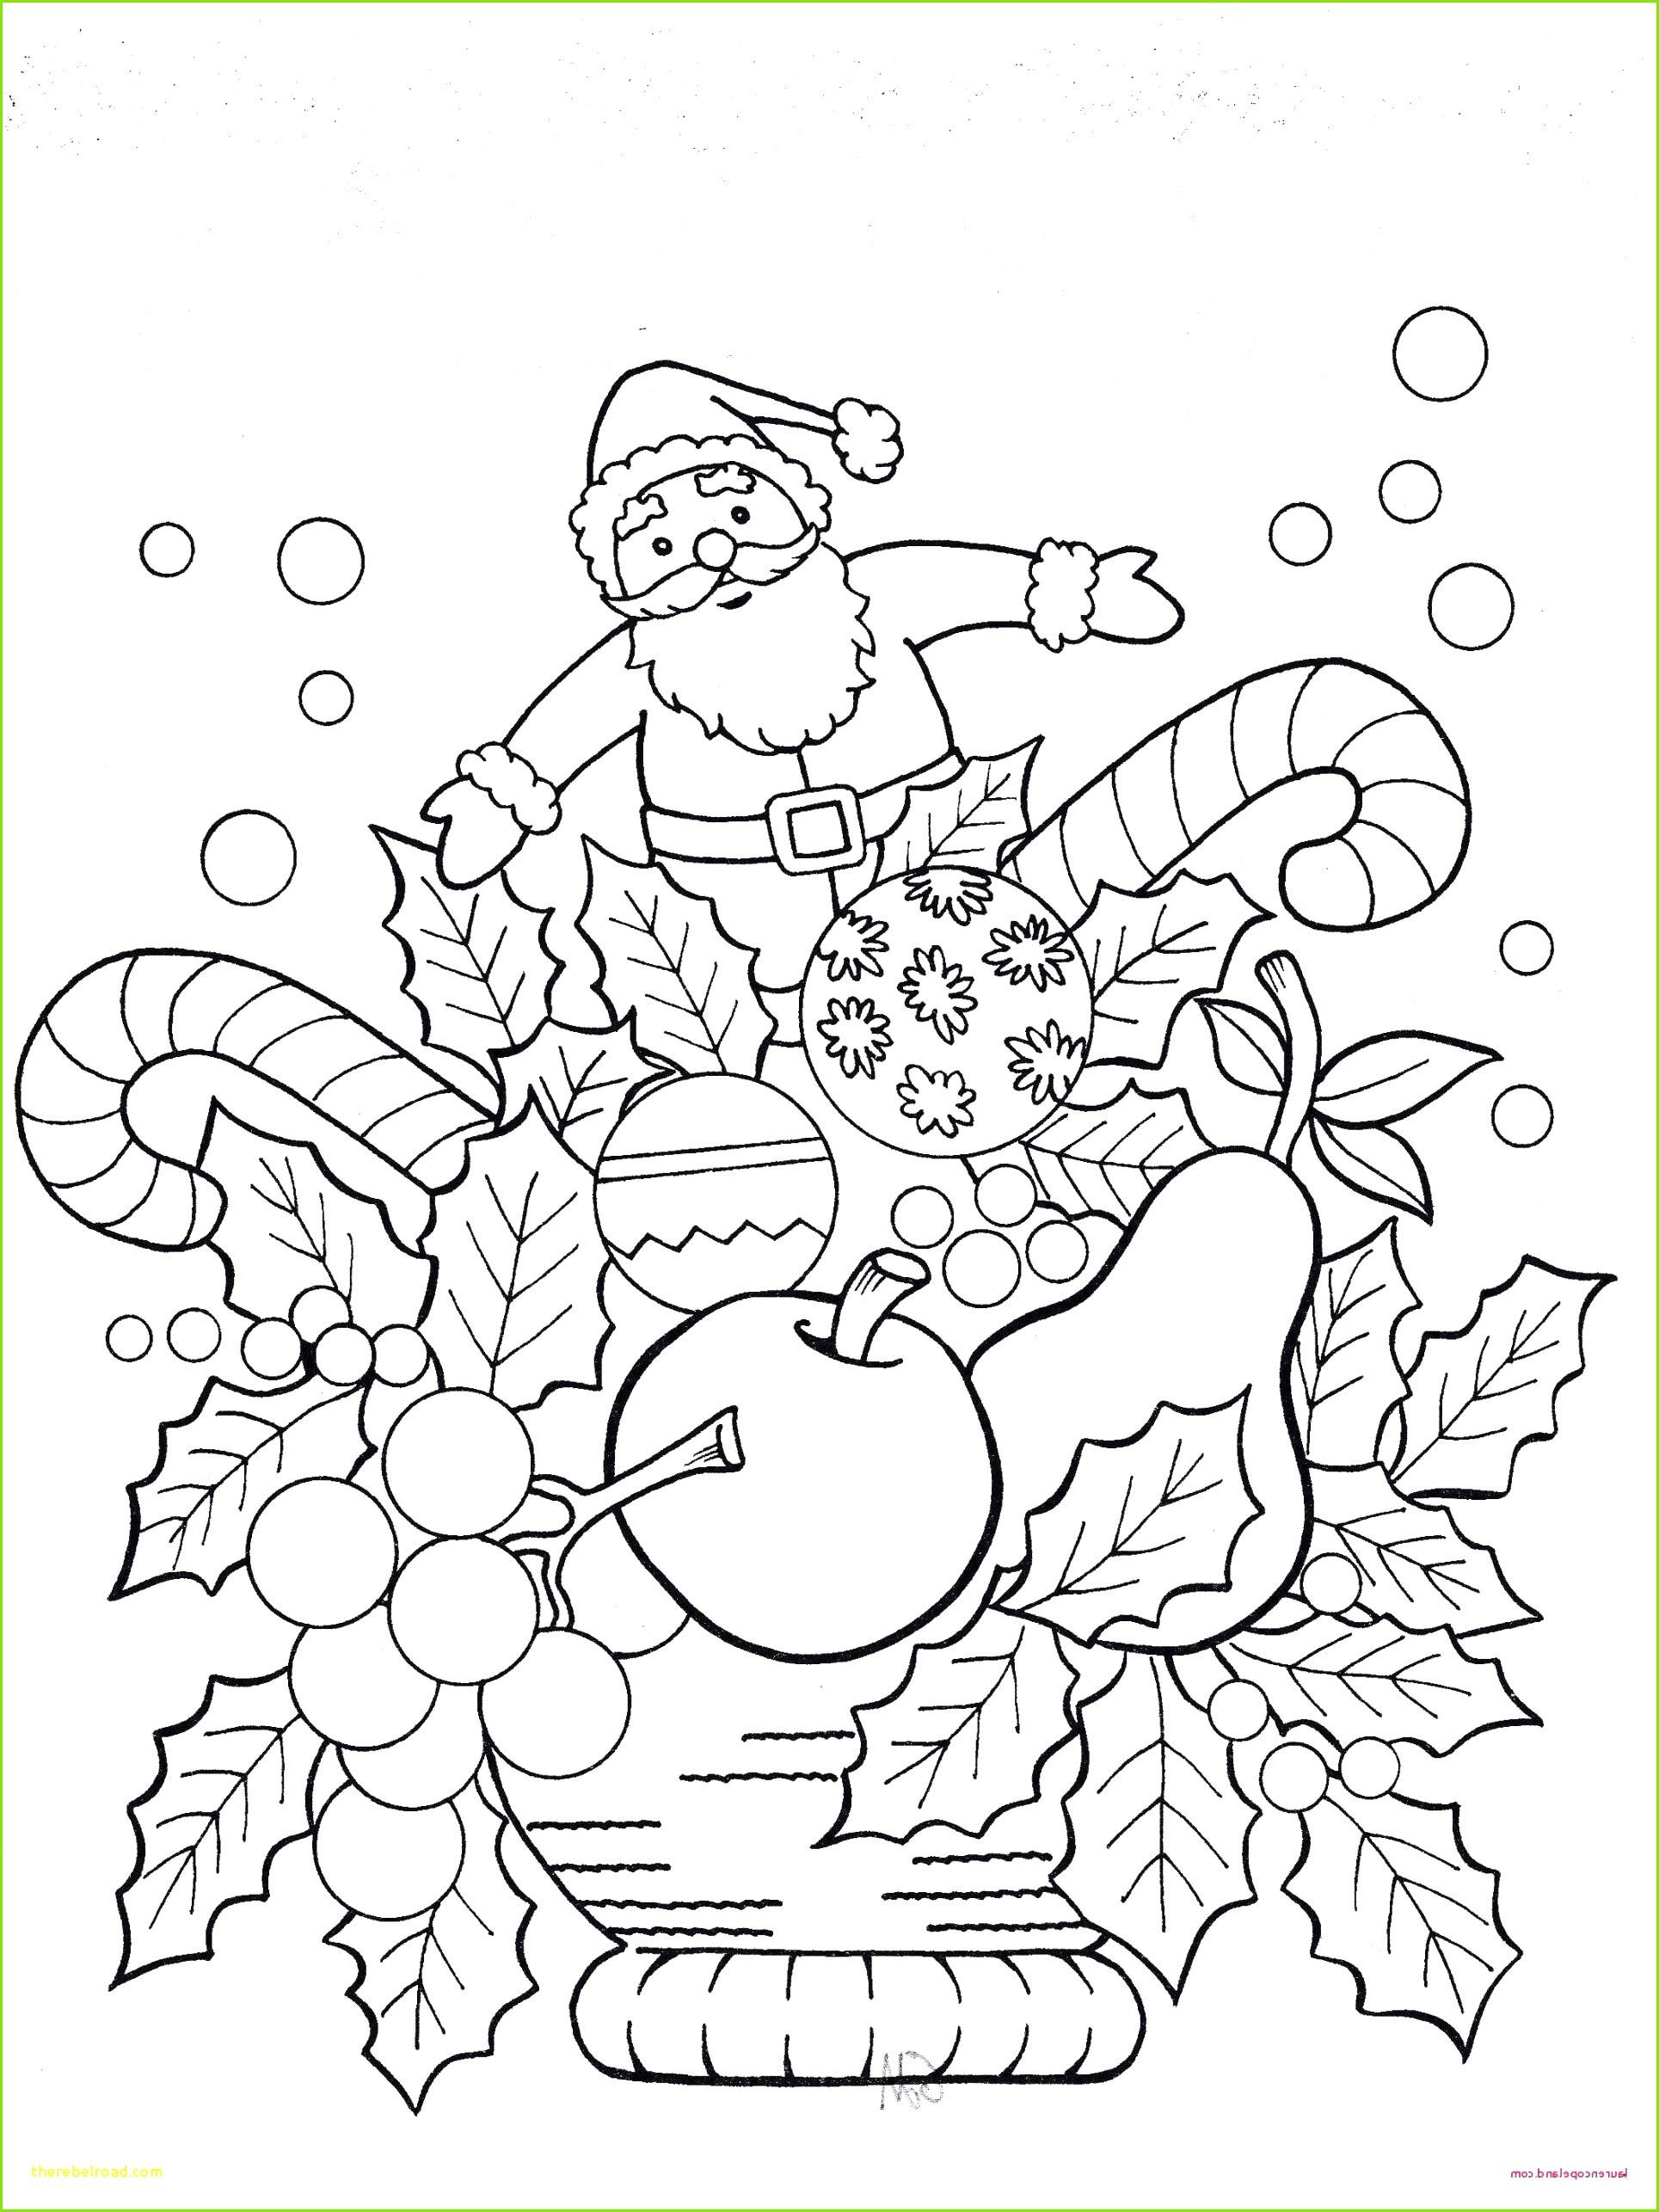 Ausmalbilder Weihnachten Muster Genial 5 Fensterbilder Weihnachten Vorlagen Zum Ausdrucken Bilder